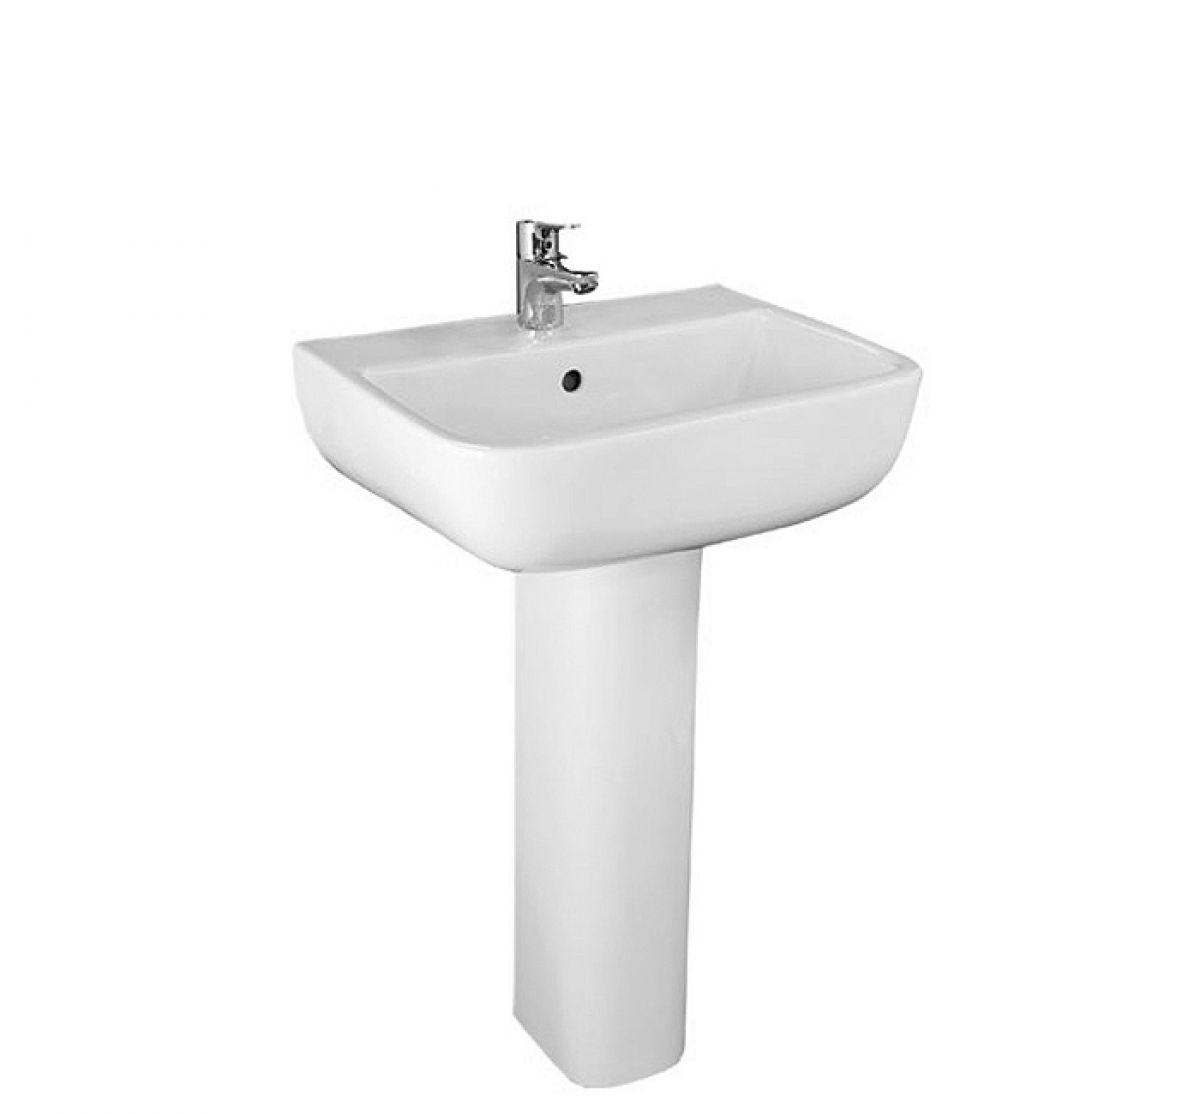 Rak series 600 bathroom basin 520mm uk bathrooms for Bathroom basin